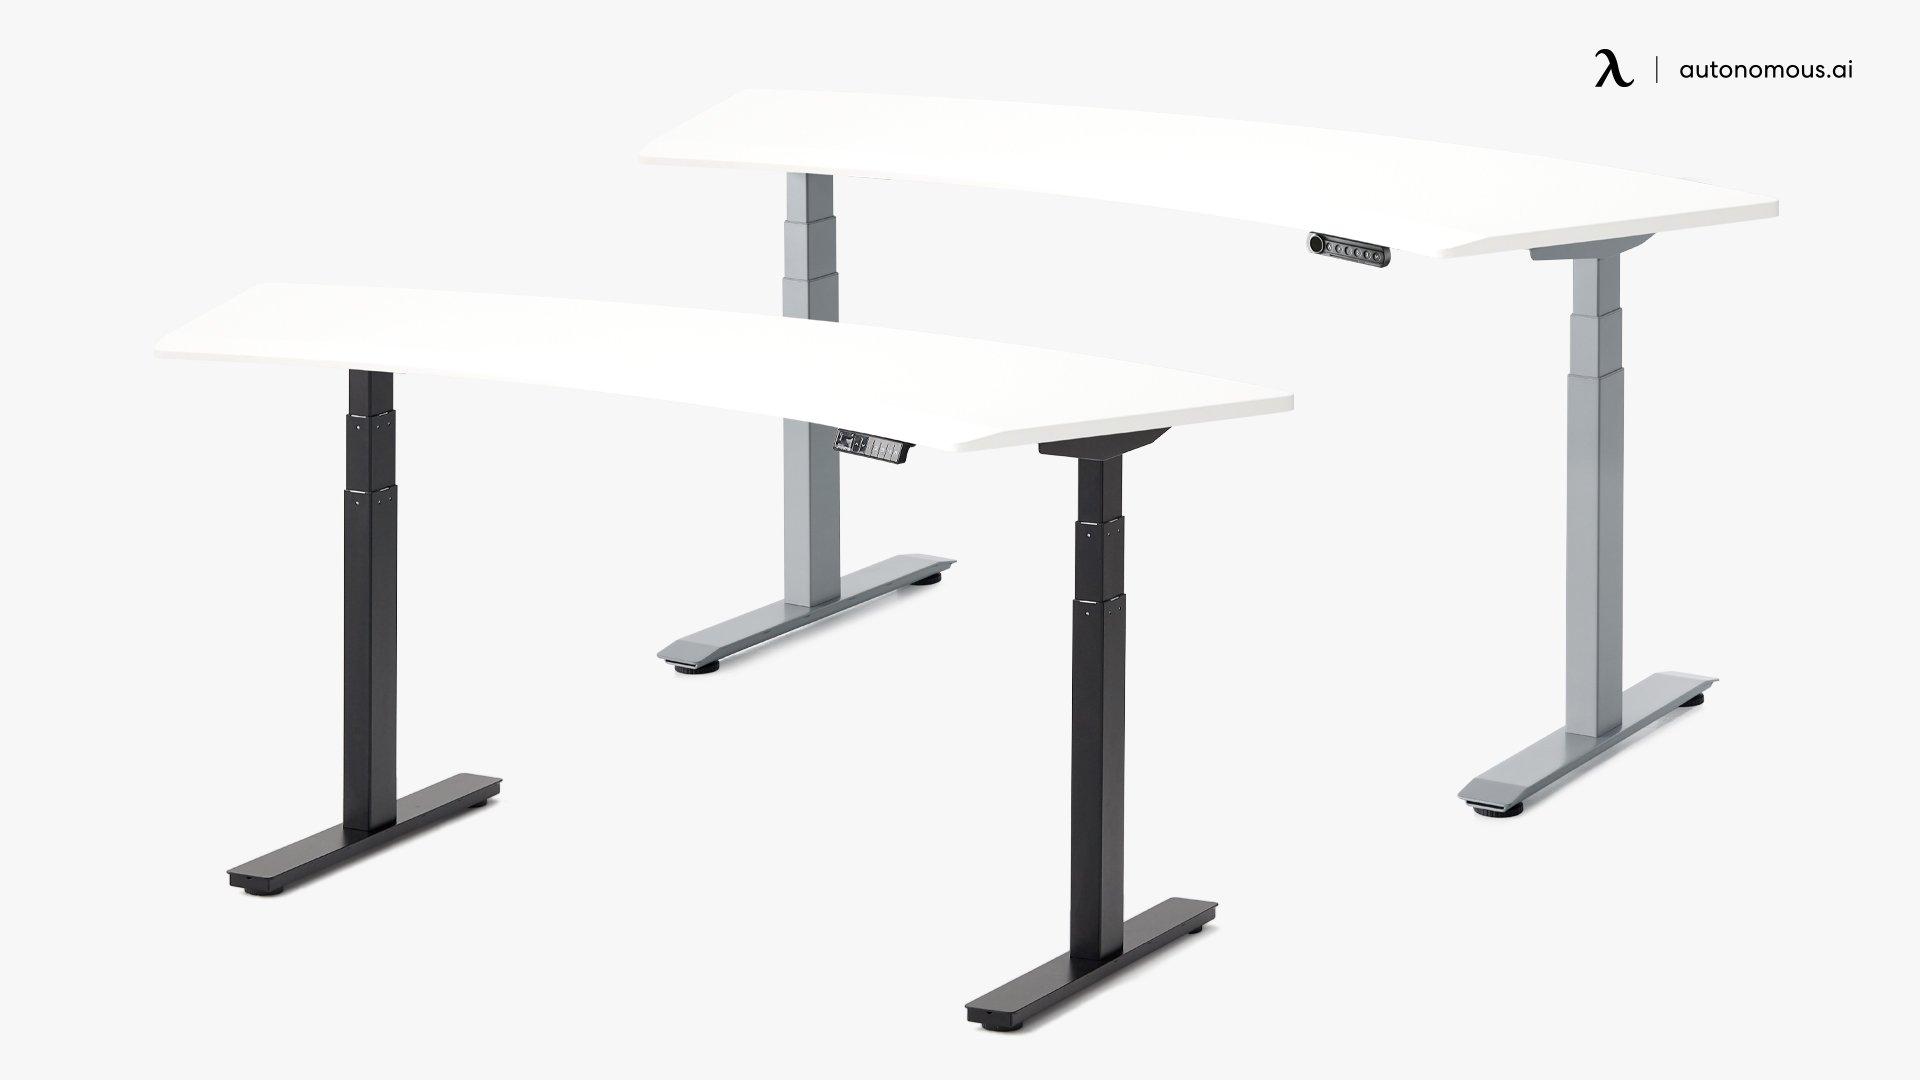 Art Desk by Autonomous